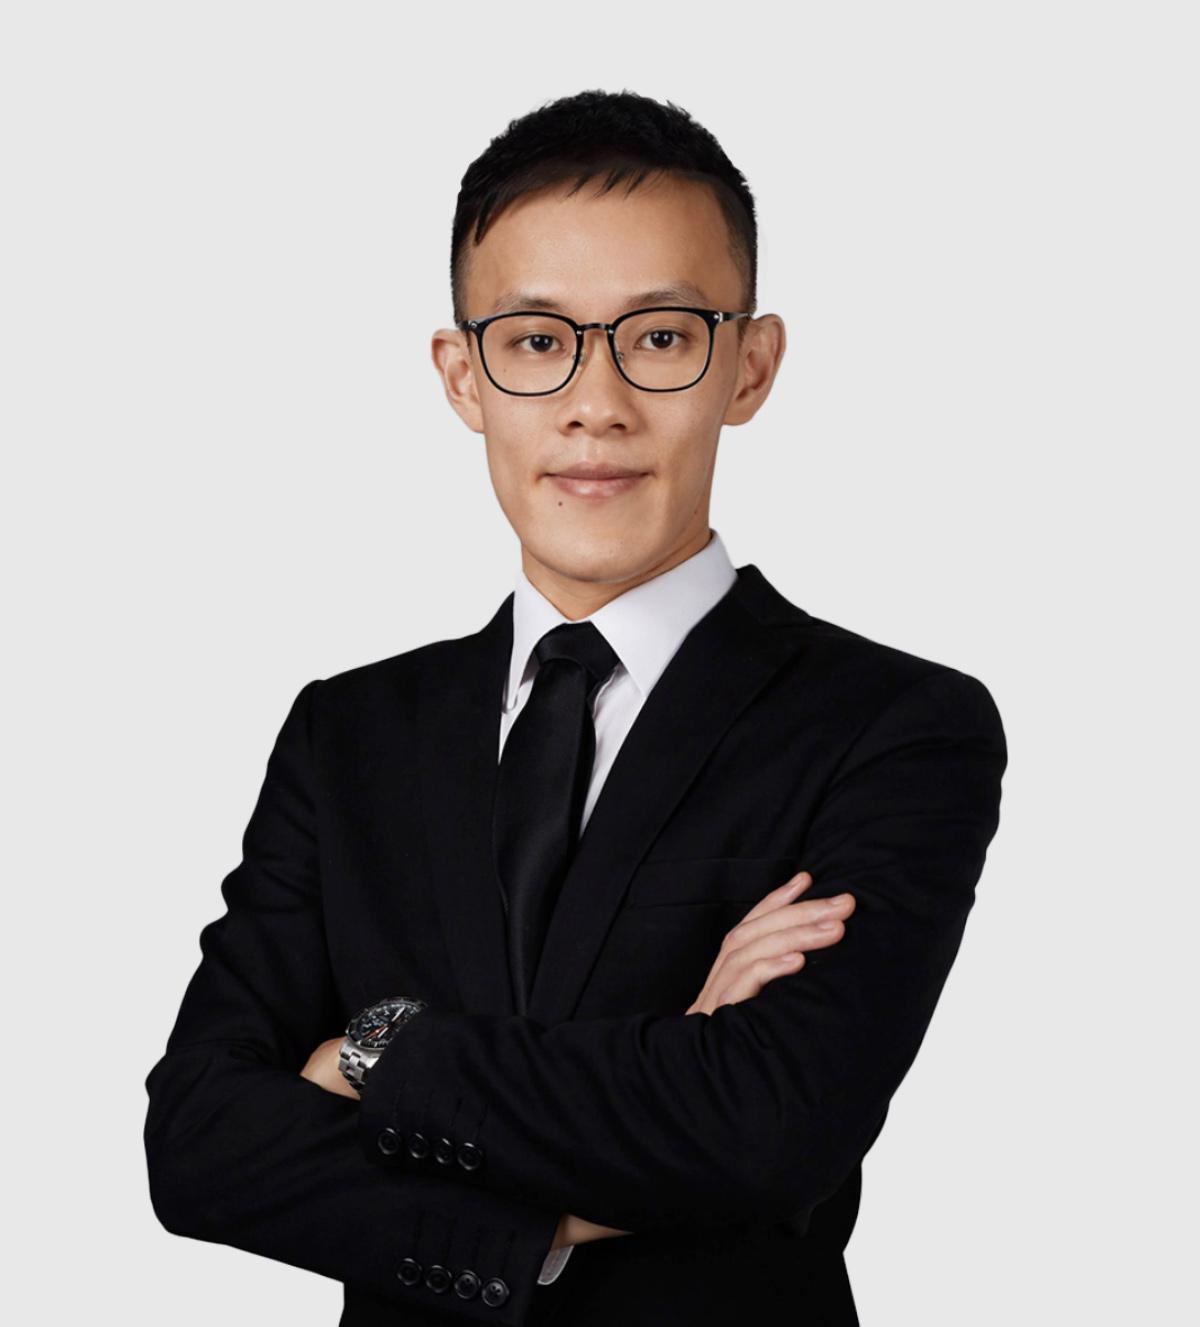 Lawyer_Img